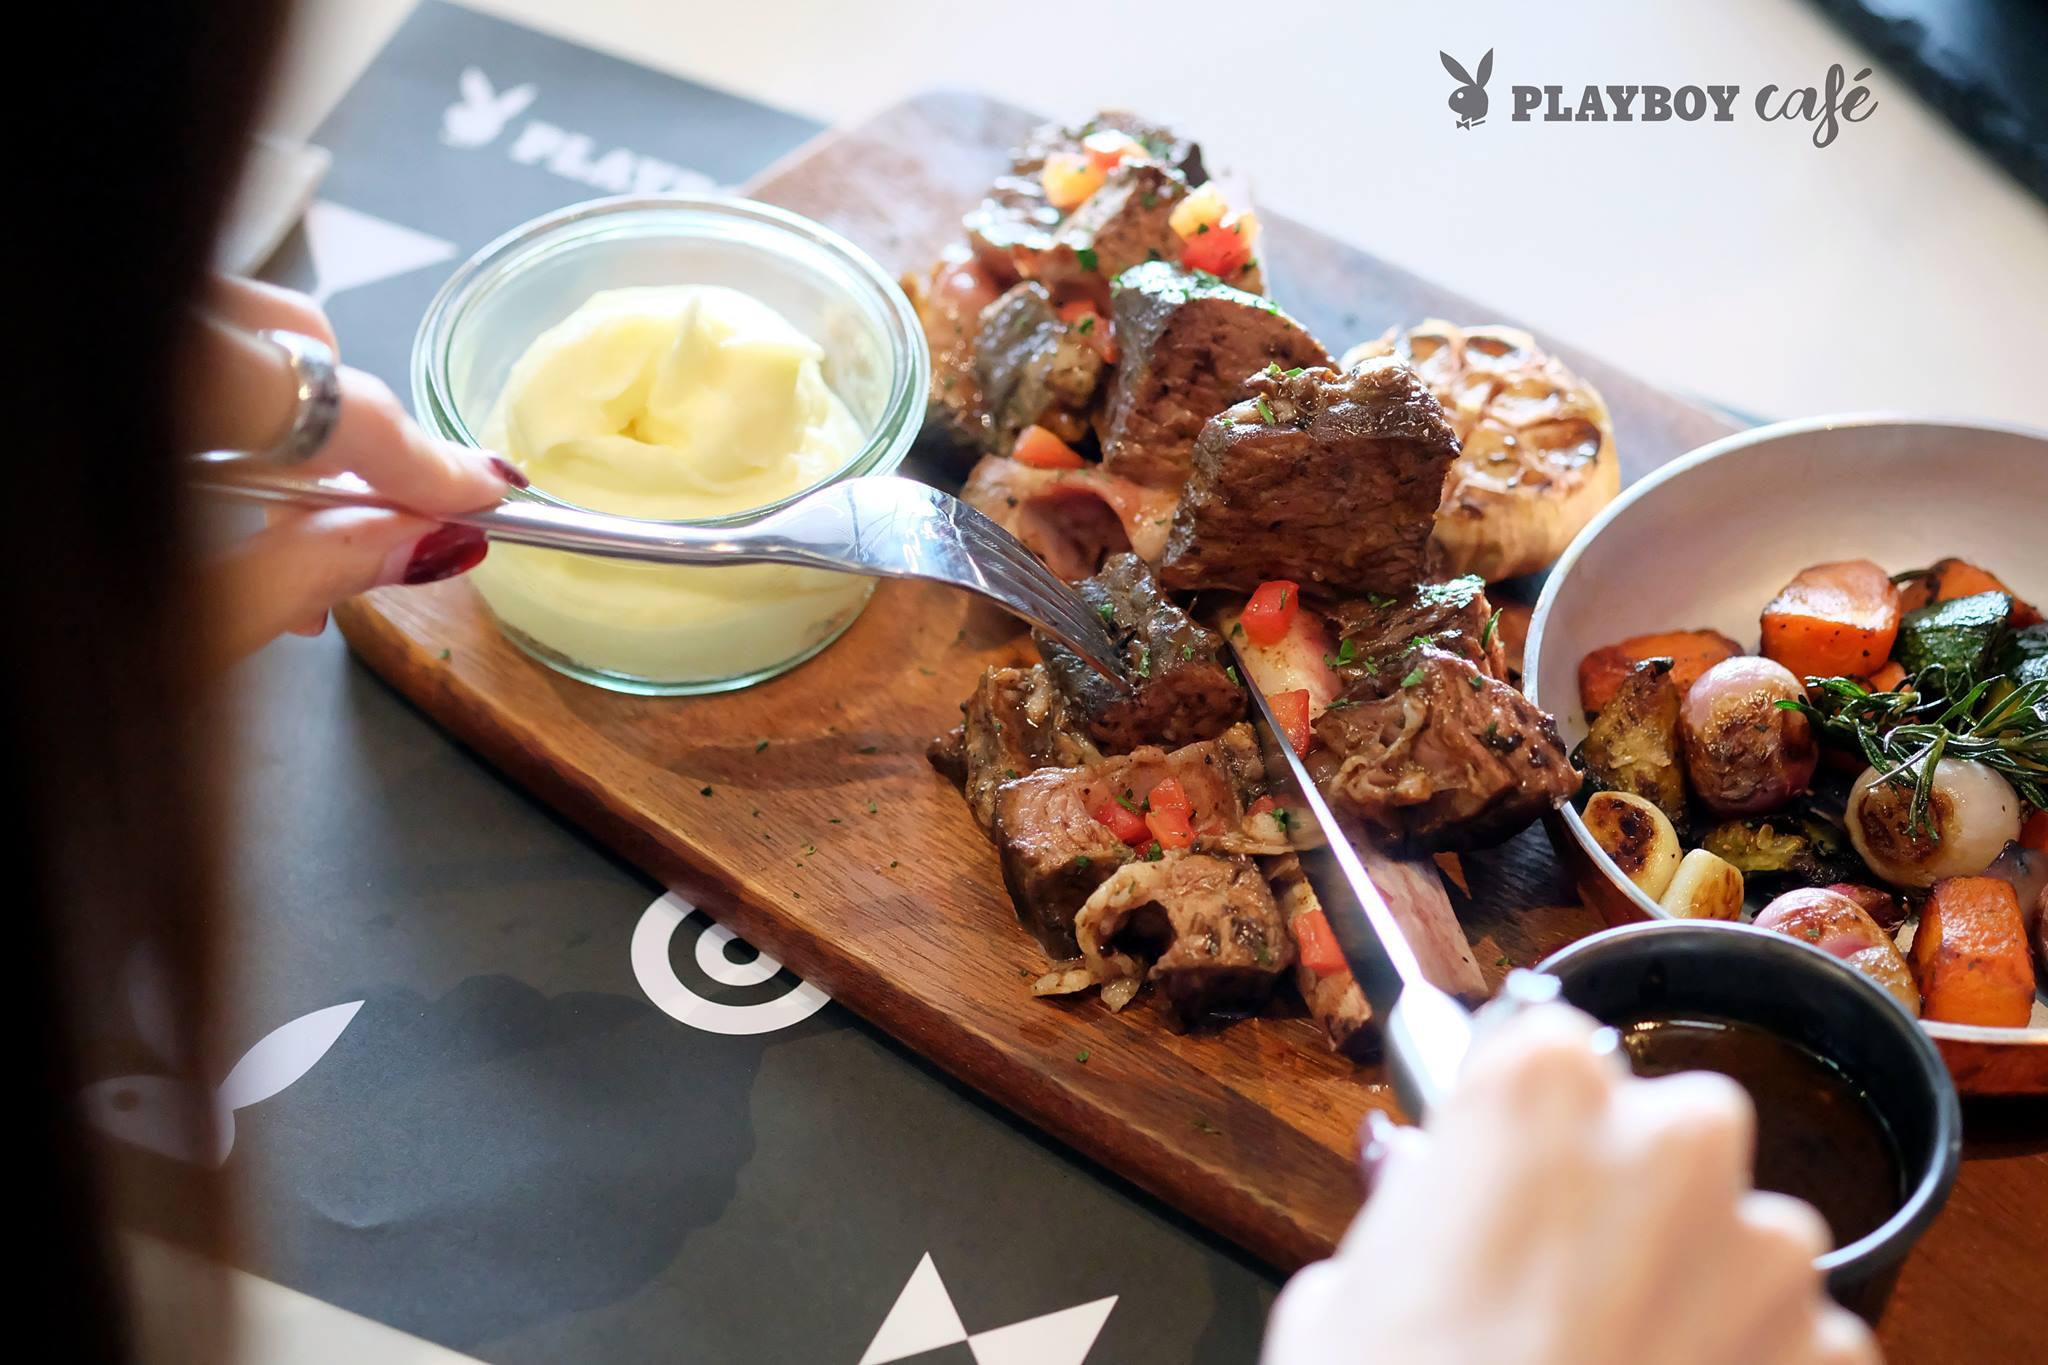 Cafe Playboy Playboy Cafe PLBYcafe